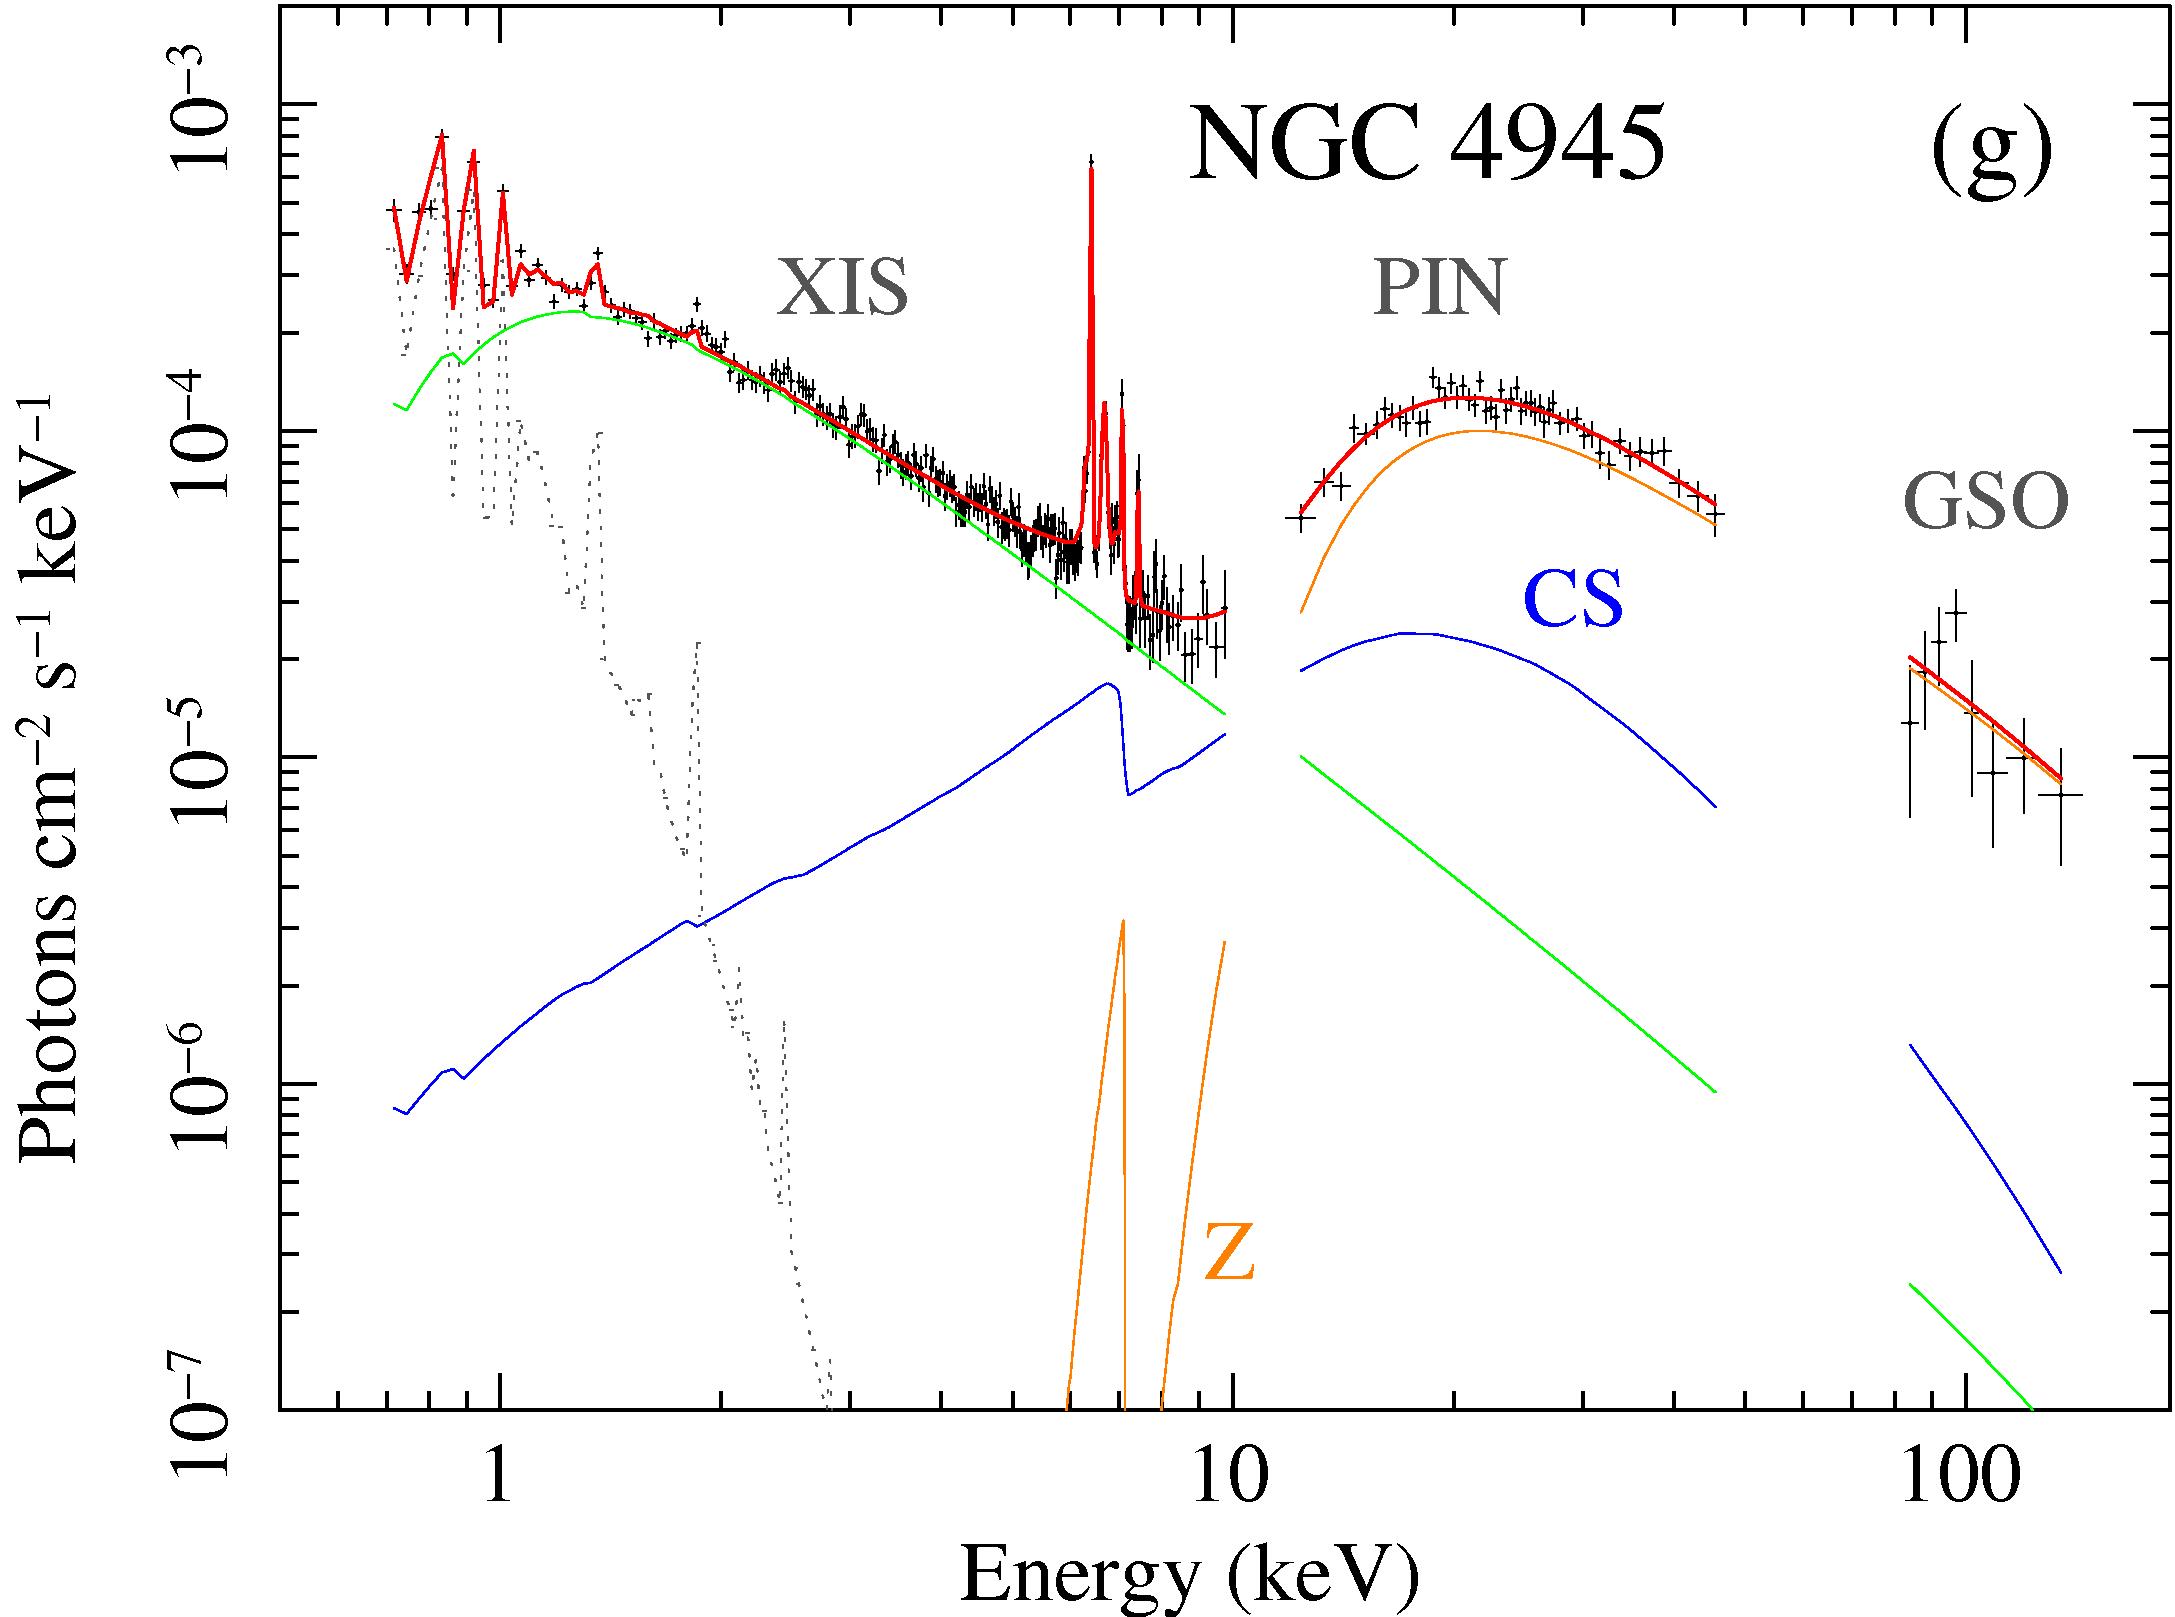 MYTorus fit to NGC 4945 Suzaku data: unfolded photon spectra